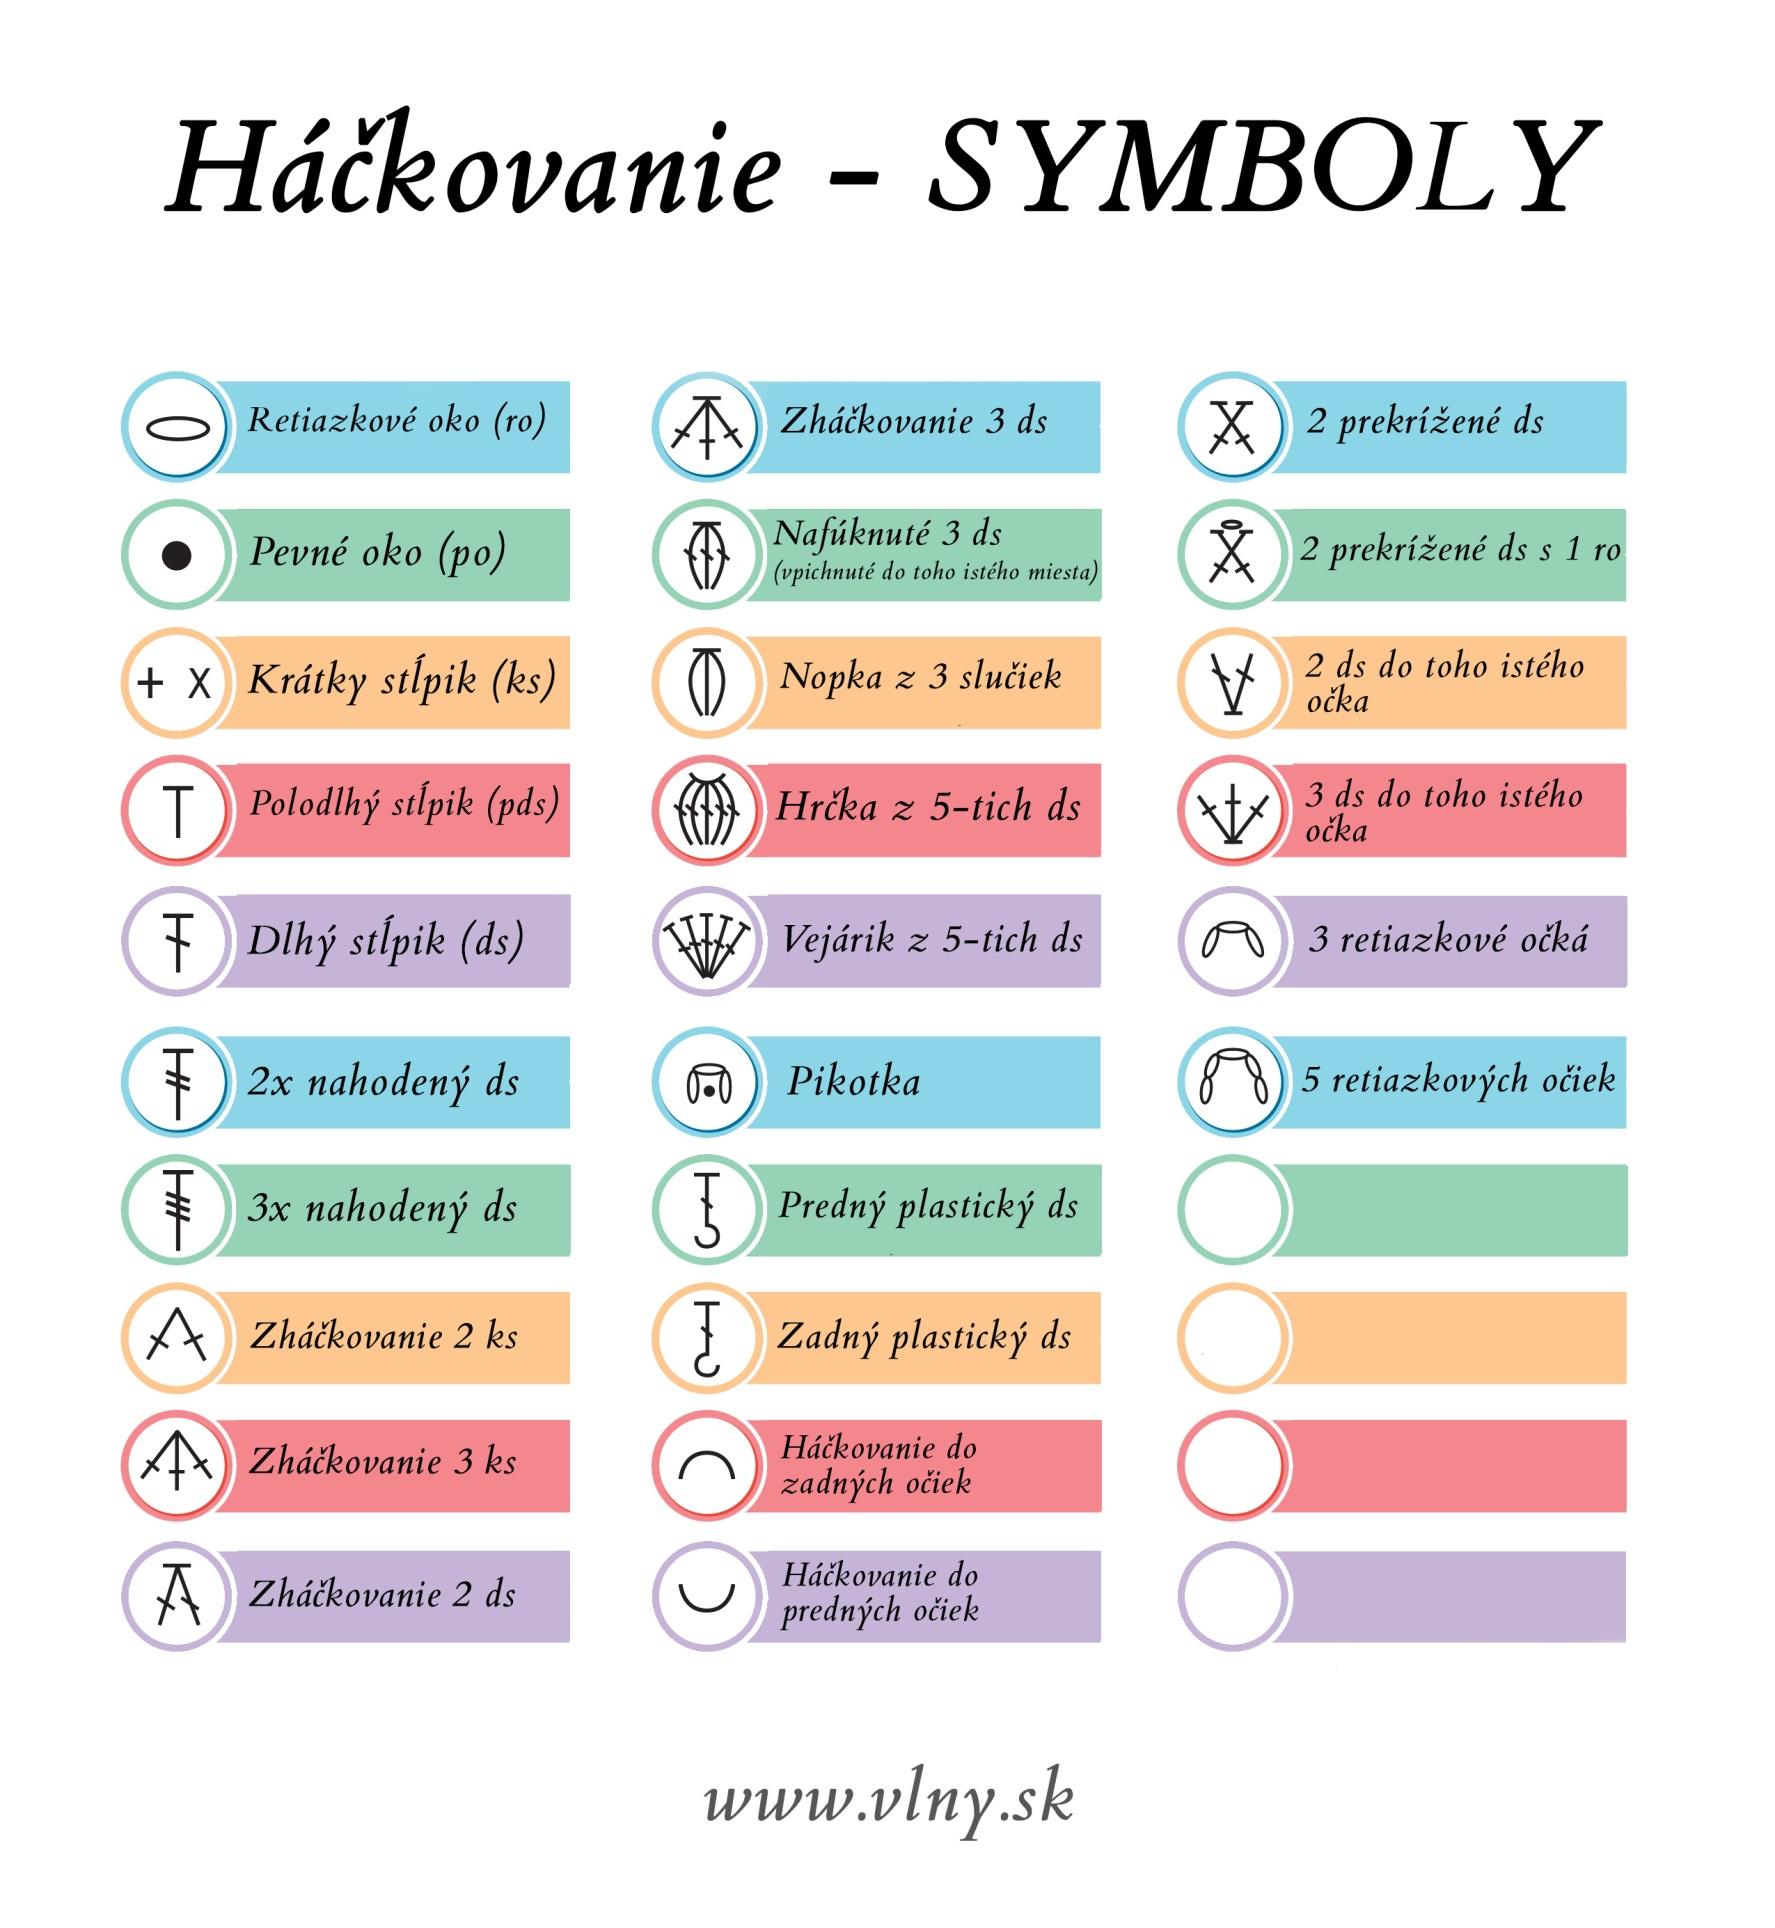 hackovanie_symboly_vysvetlenie_popis